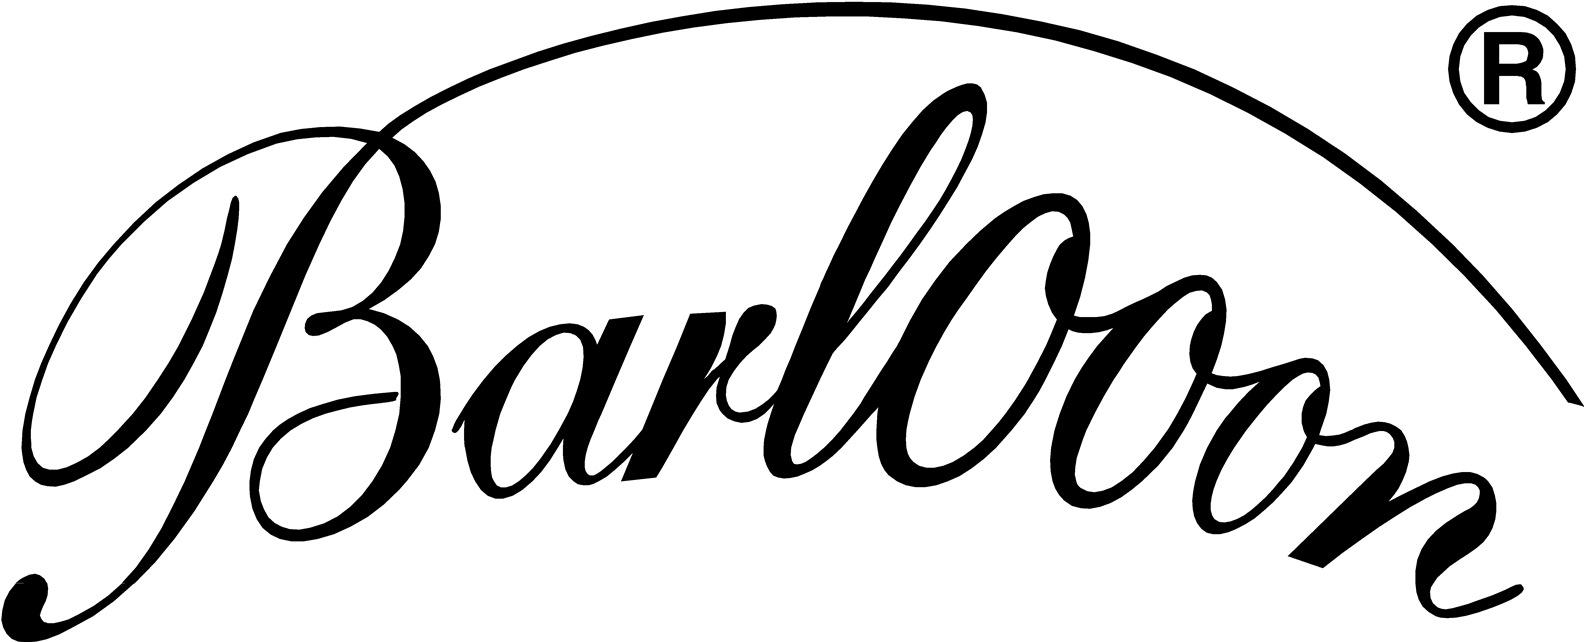 Logo Barlooon Germany